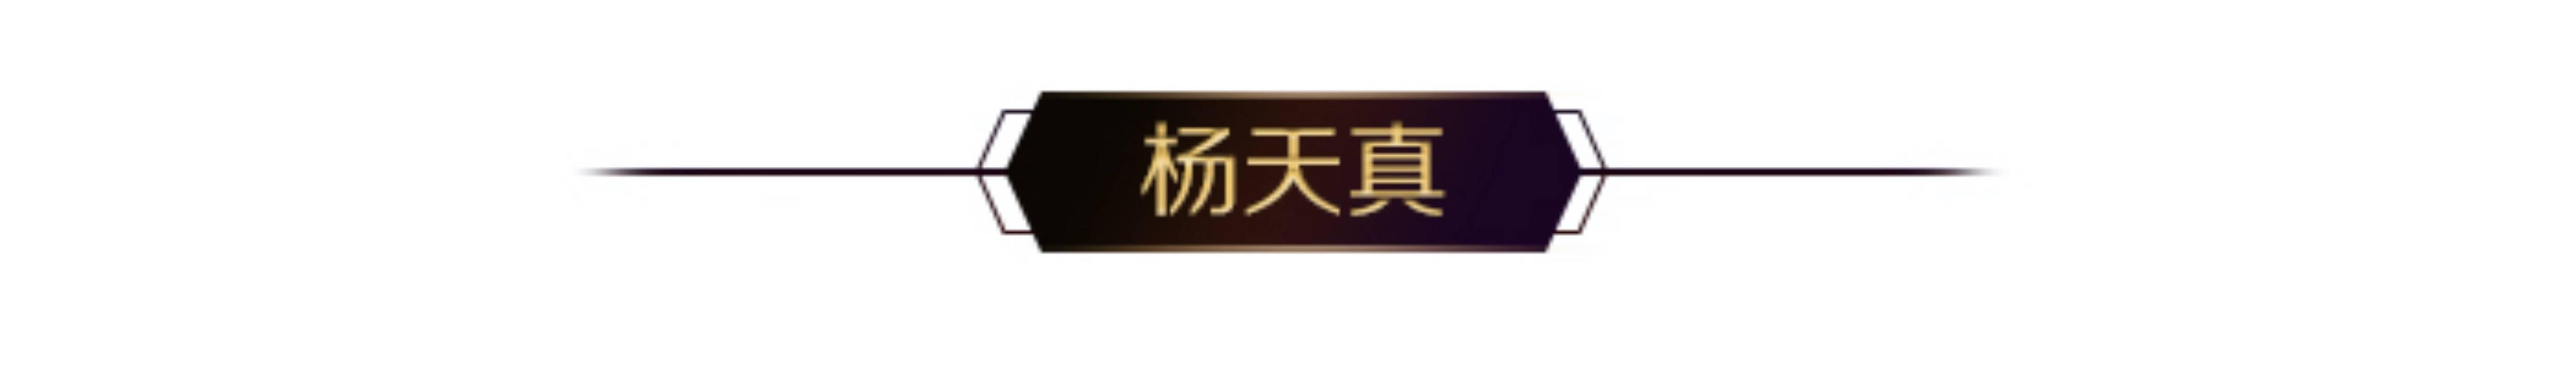 欢乐喜+15白嫖潮